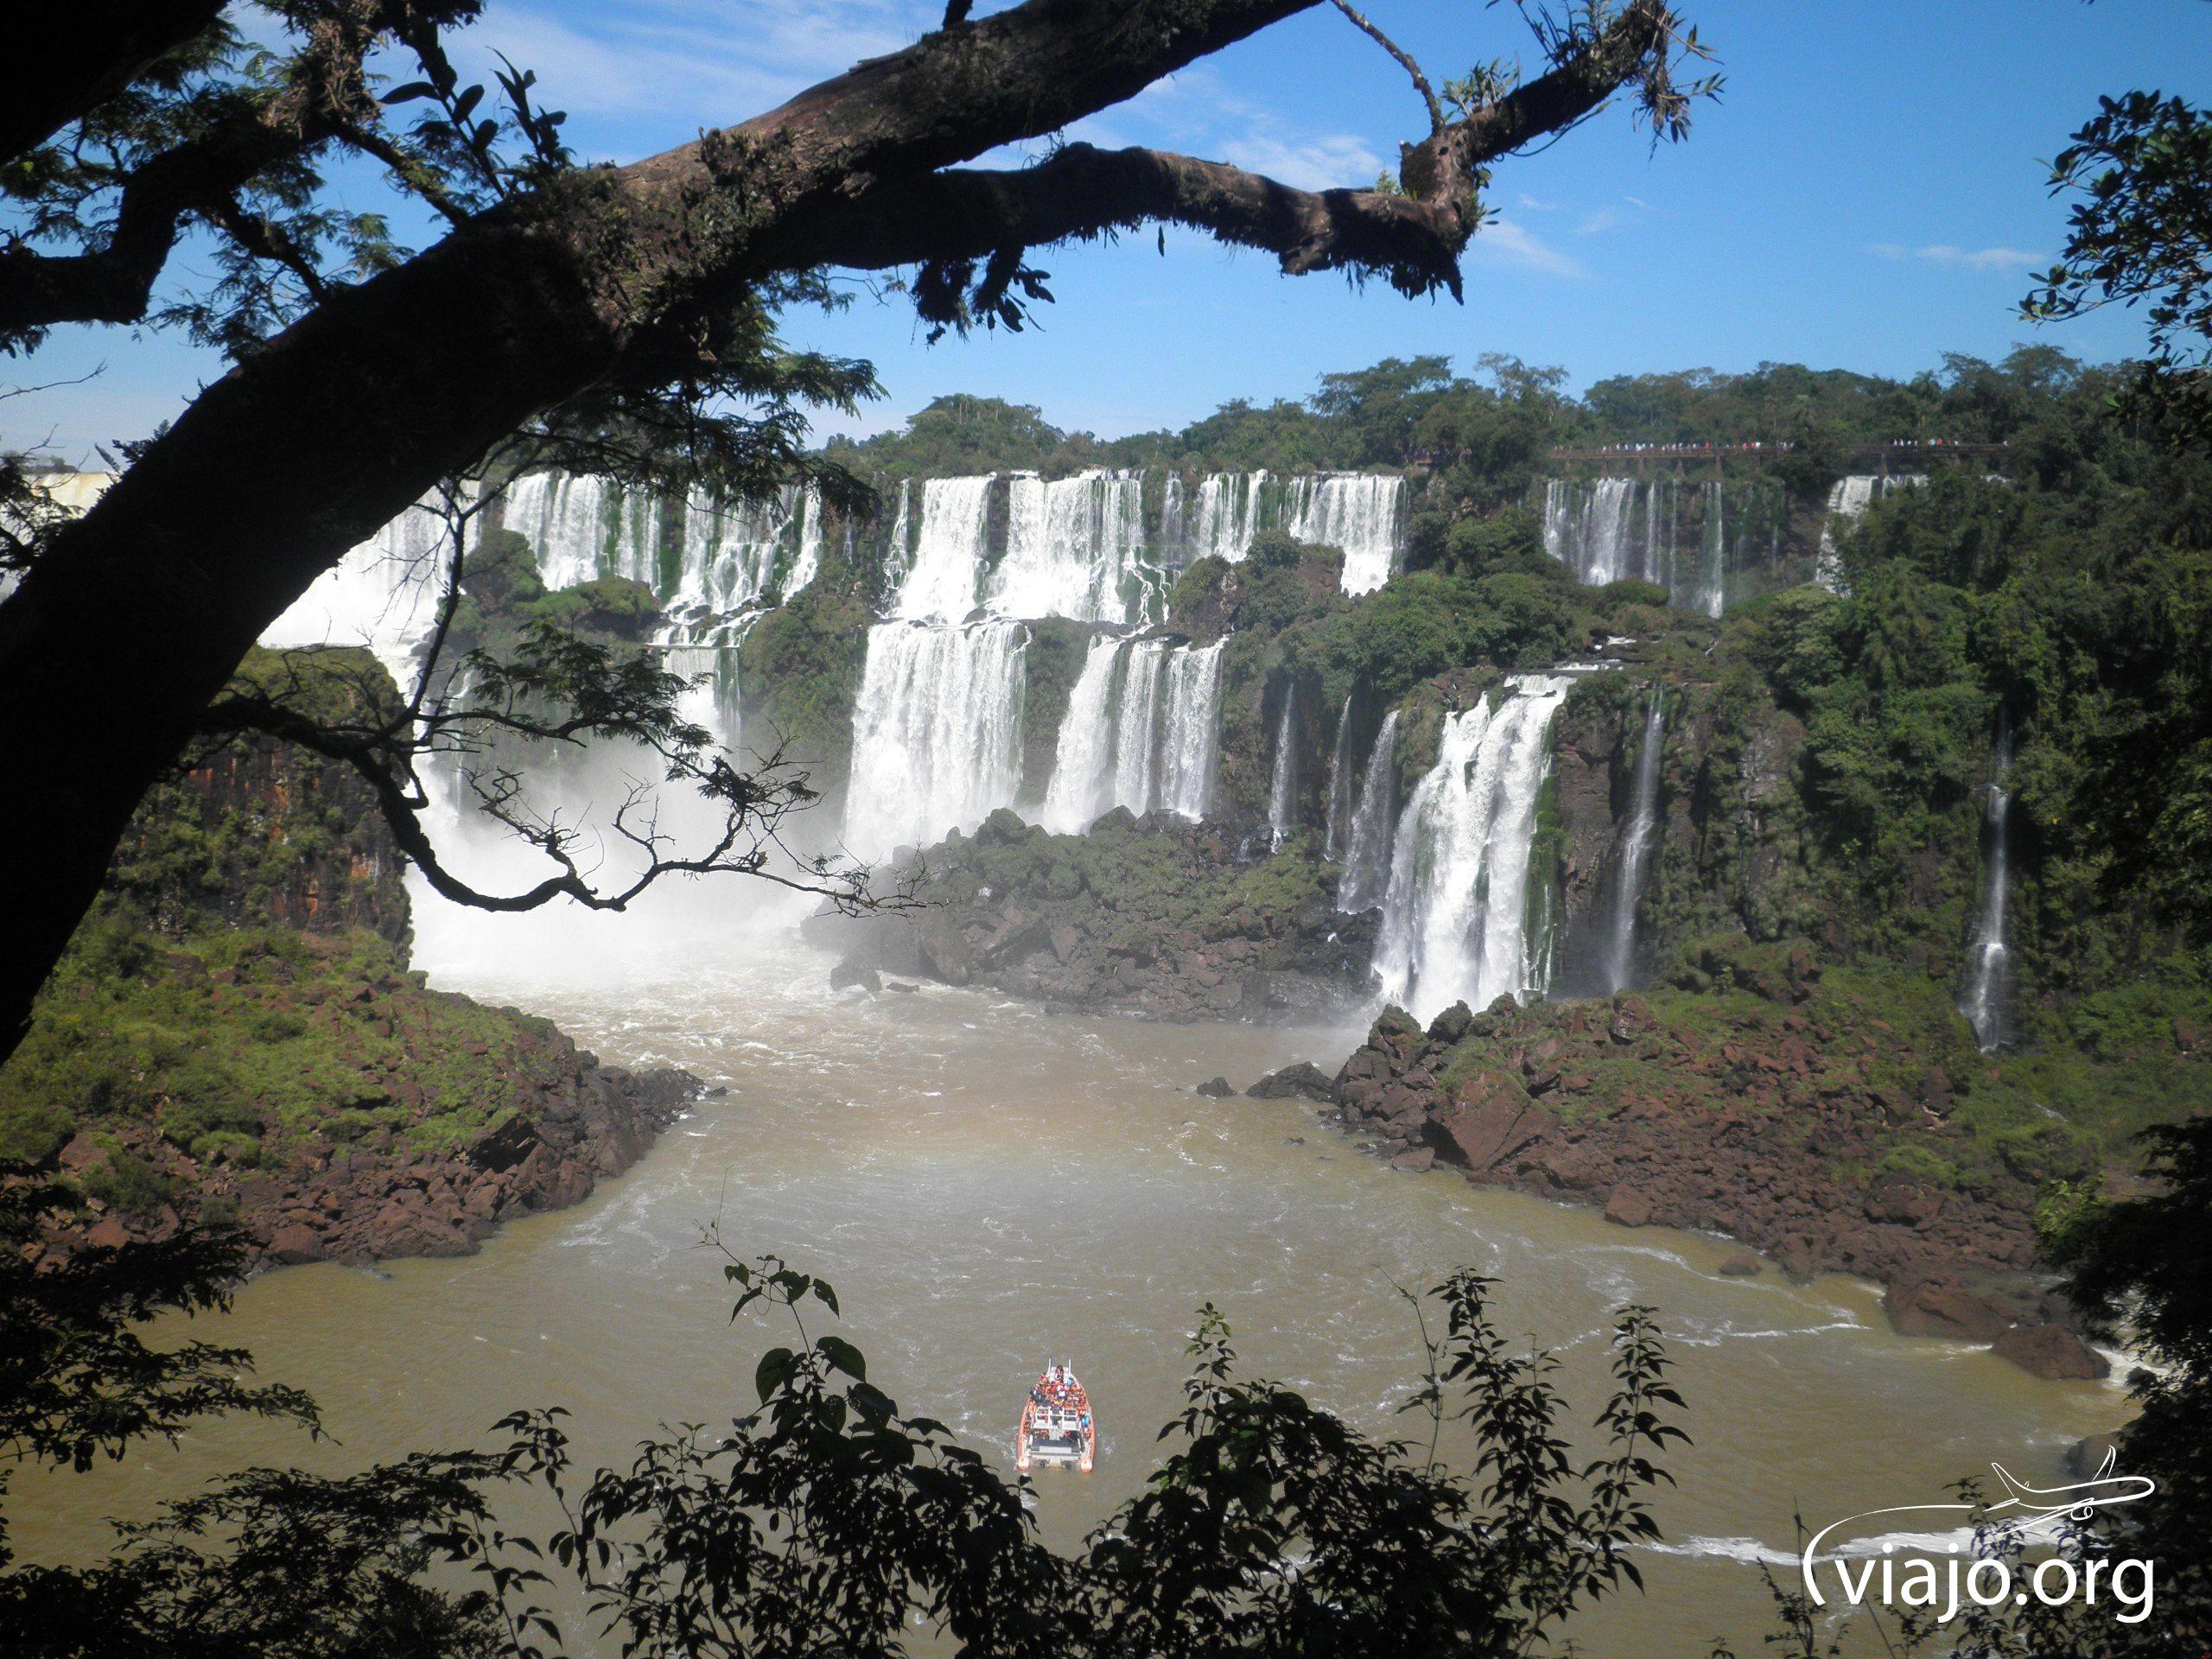 Cataratas Del Iguazú En Semana Santa Viajo Org Maravillas Del Mundo Cataratas Del Iguazu Cataratas